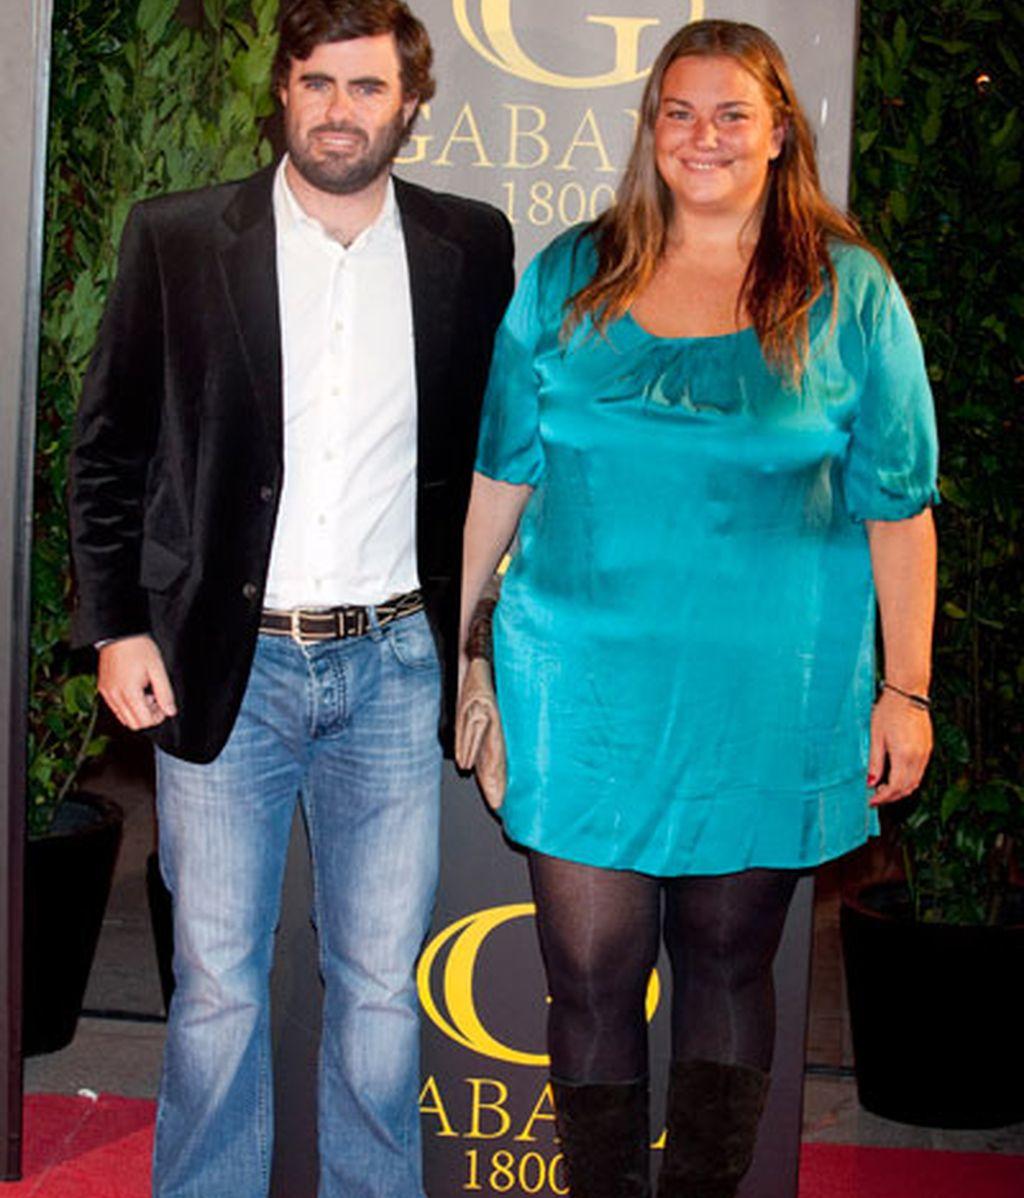 Concentración de famosos en la despedida de soltero de Rafael Medina